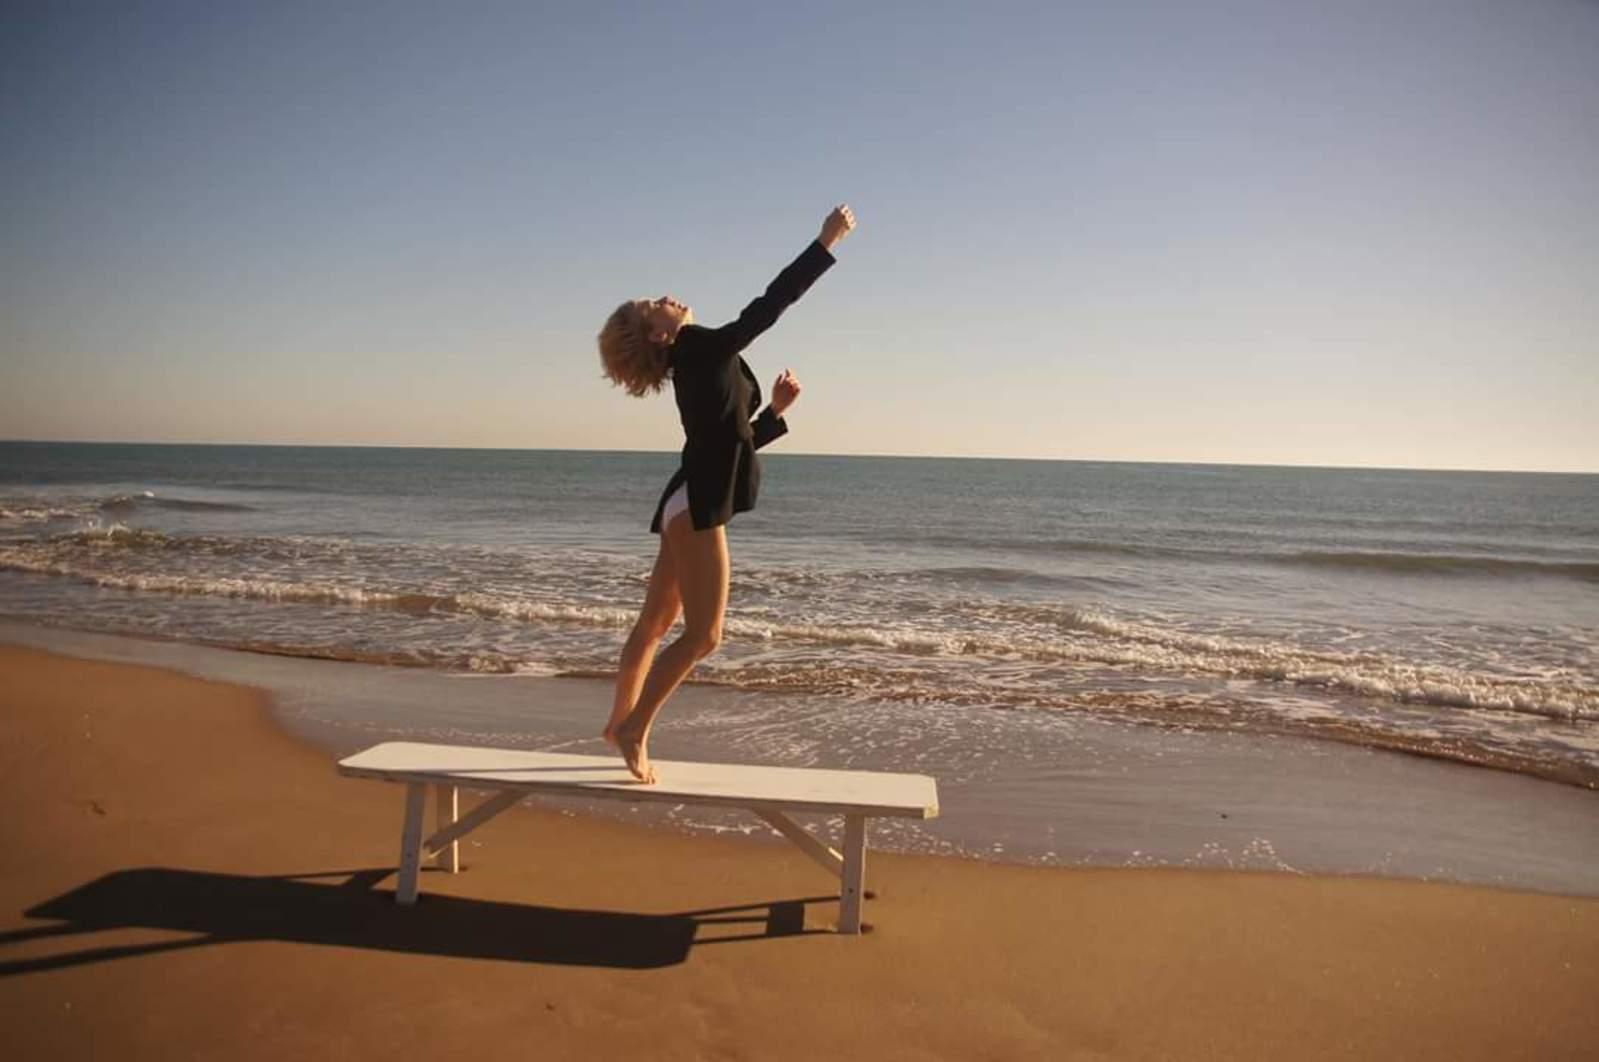 Cours de danse moderne - Compagnie Fabulous CC Ballet, Clémence Camus